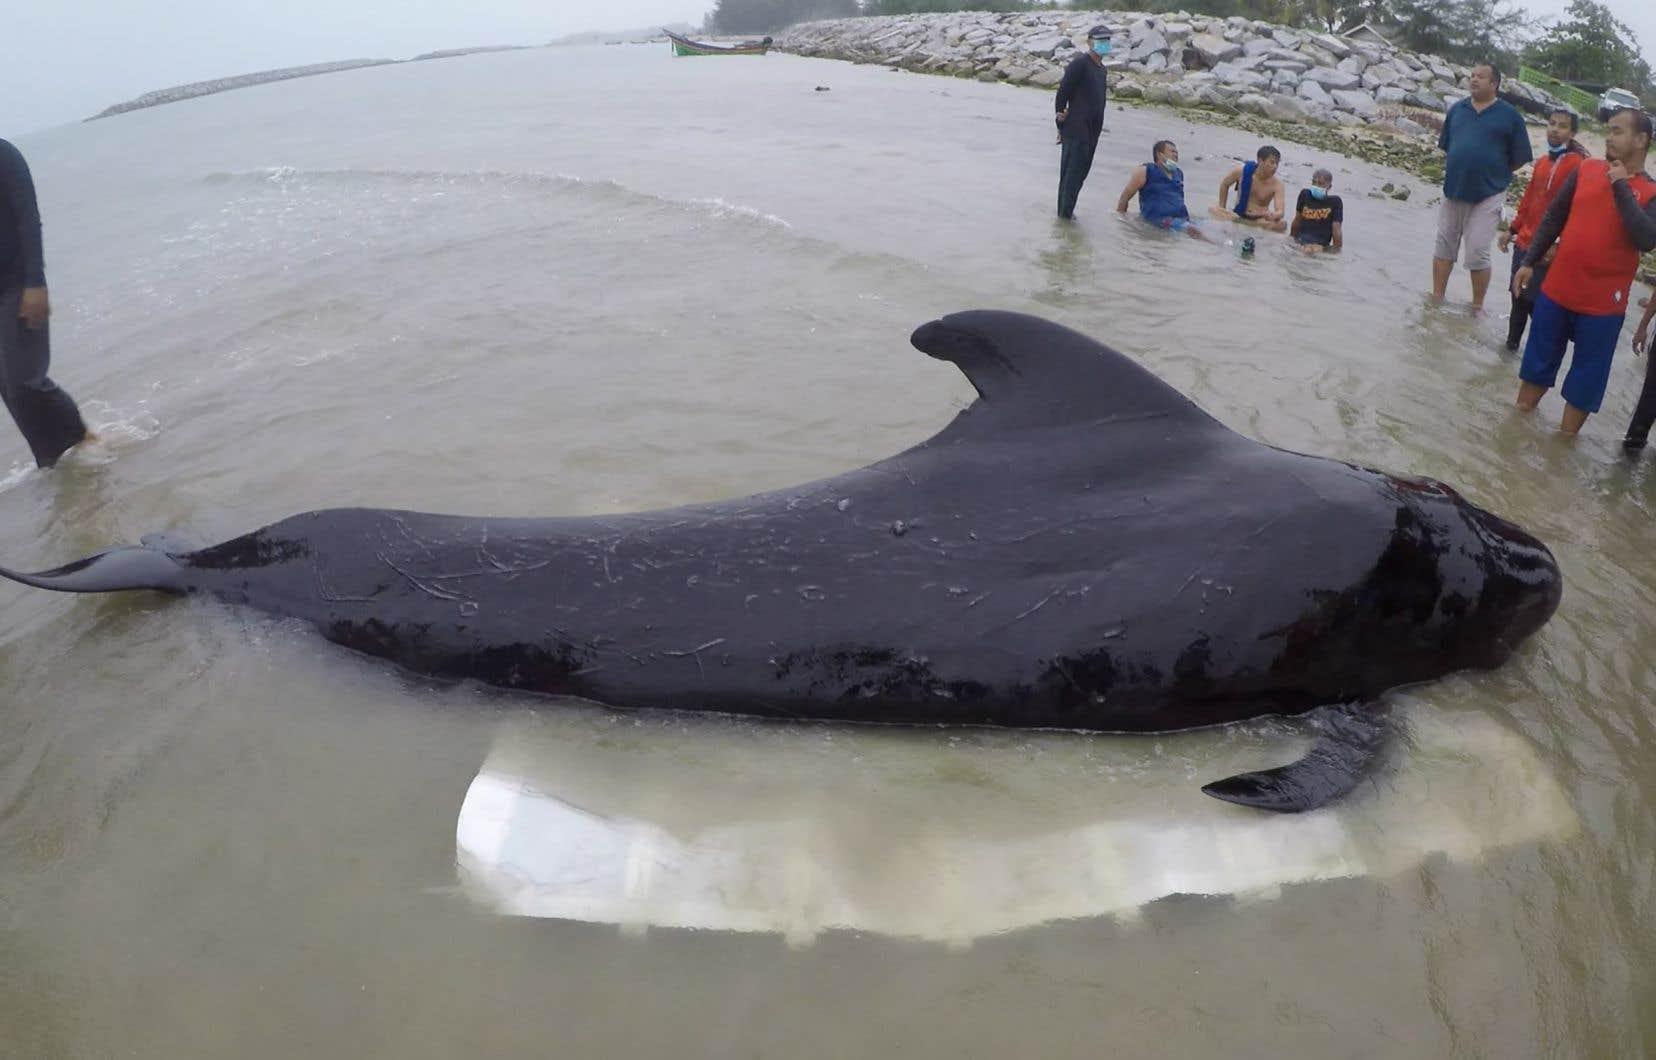 Selon l'autopsie, l'animal avait dans l'estomac 80 sacs en plastique qui pesaient environ huit kilos.